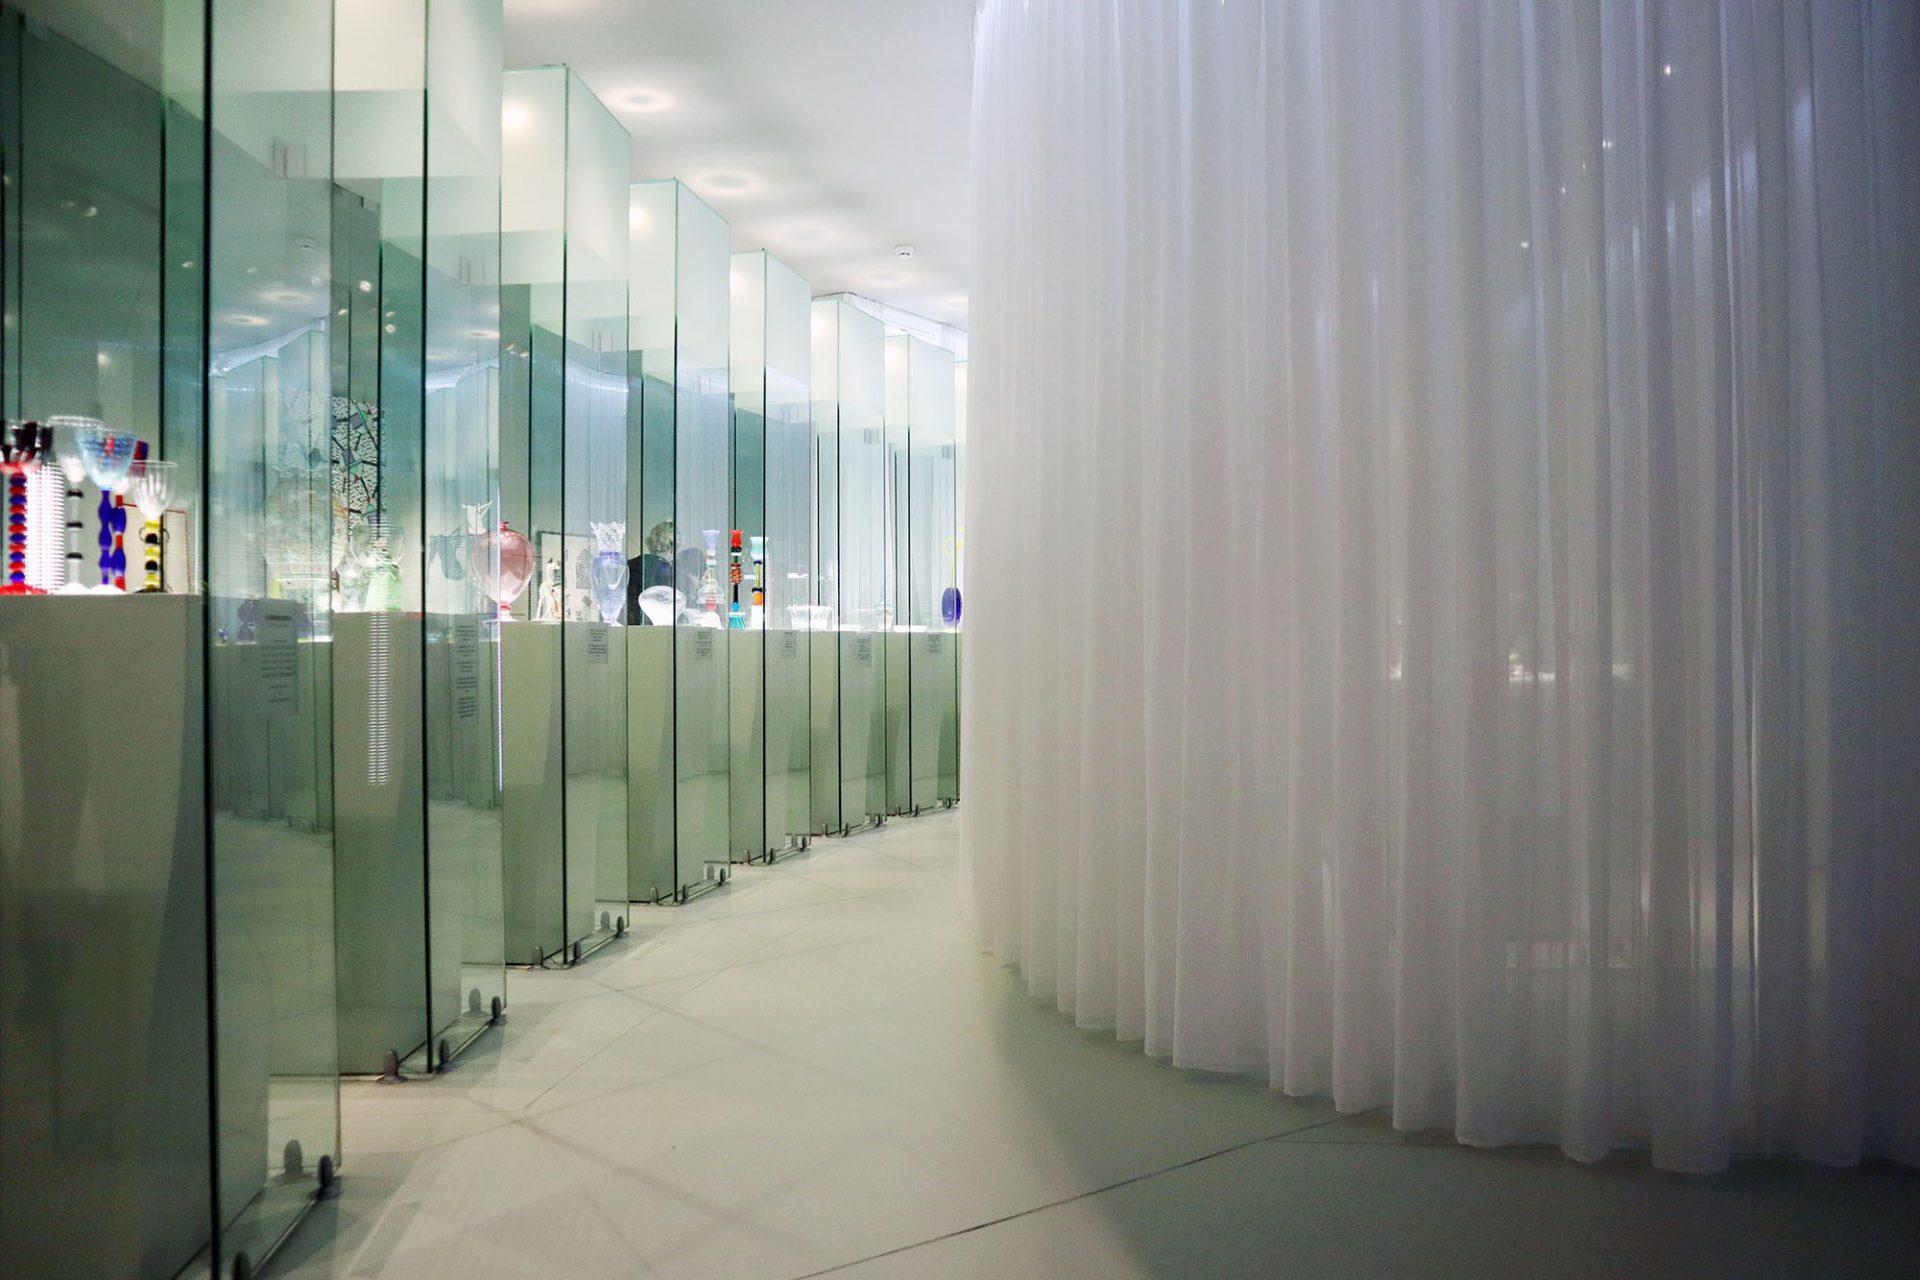 Groninger Museum. Der französische Designer Philippe Starck entwarf den Pavillon für Kunsthandwerk, unterstützt vom Groninger Künstler Albert Geertjes.